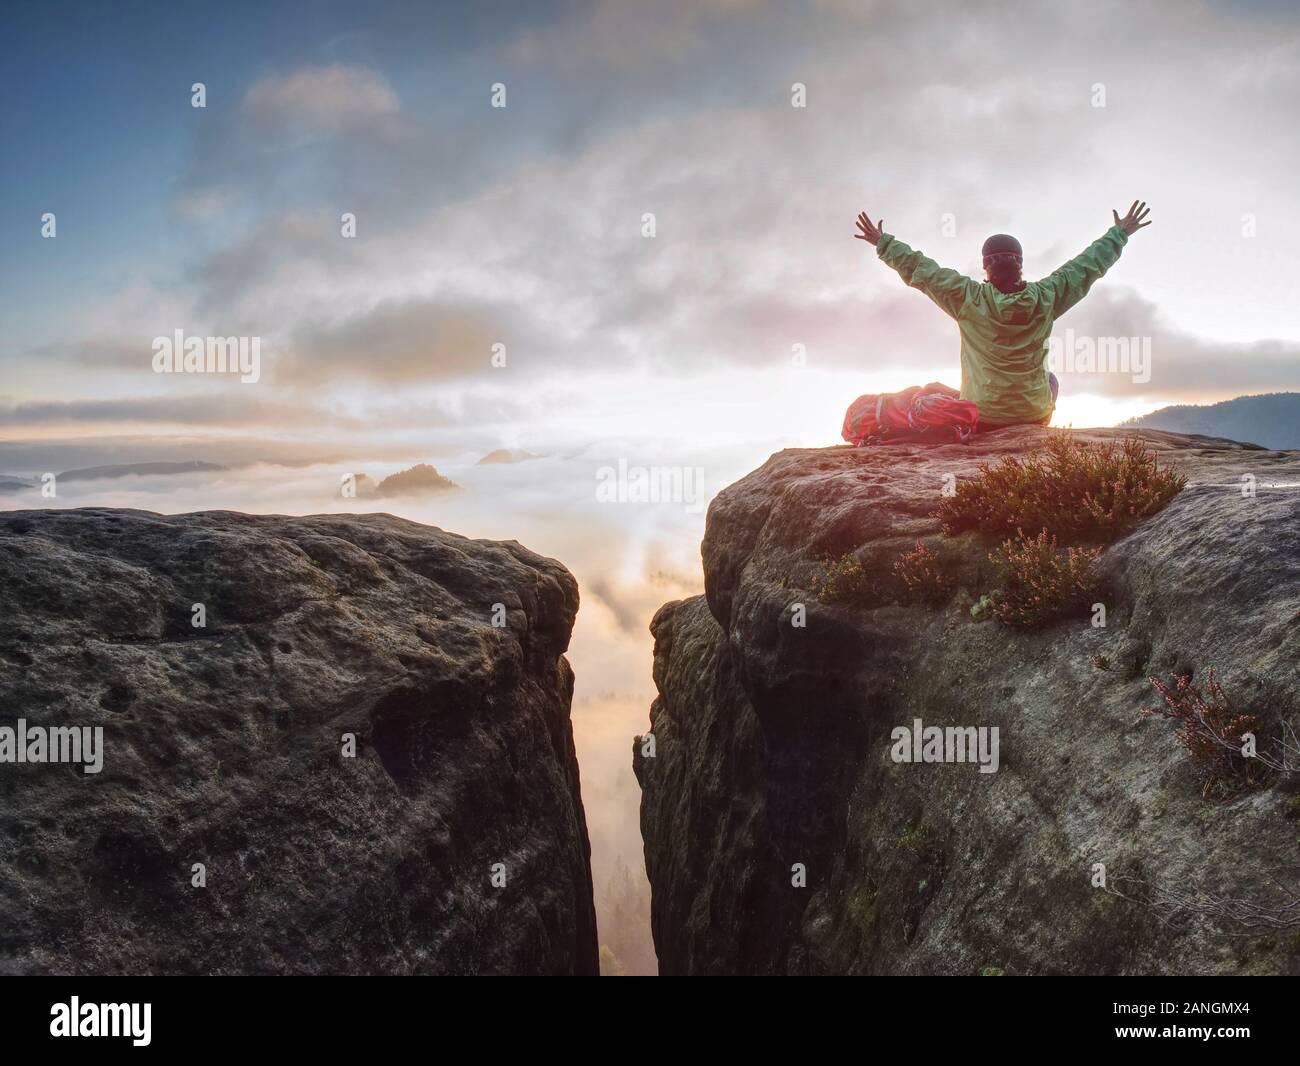 Giovane donna sedersi sulla cima di una montagna celebrare la giornata. Signora giovane escursionista in seduta verde blu giacca a vento con red zaino sulla scogliera taglienti Foto Stock